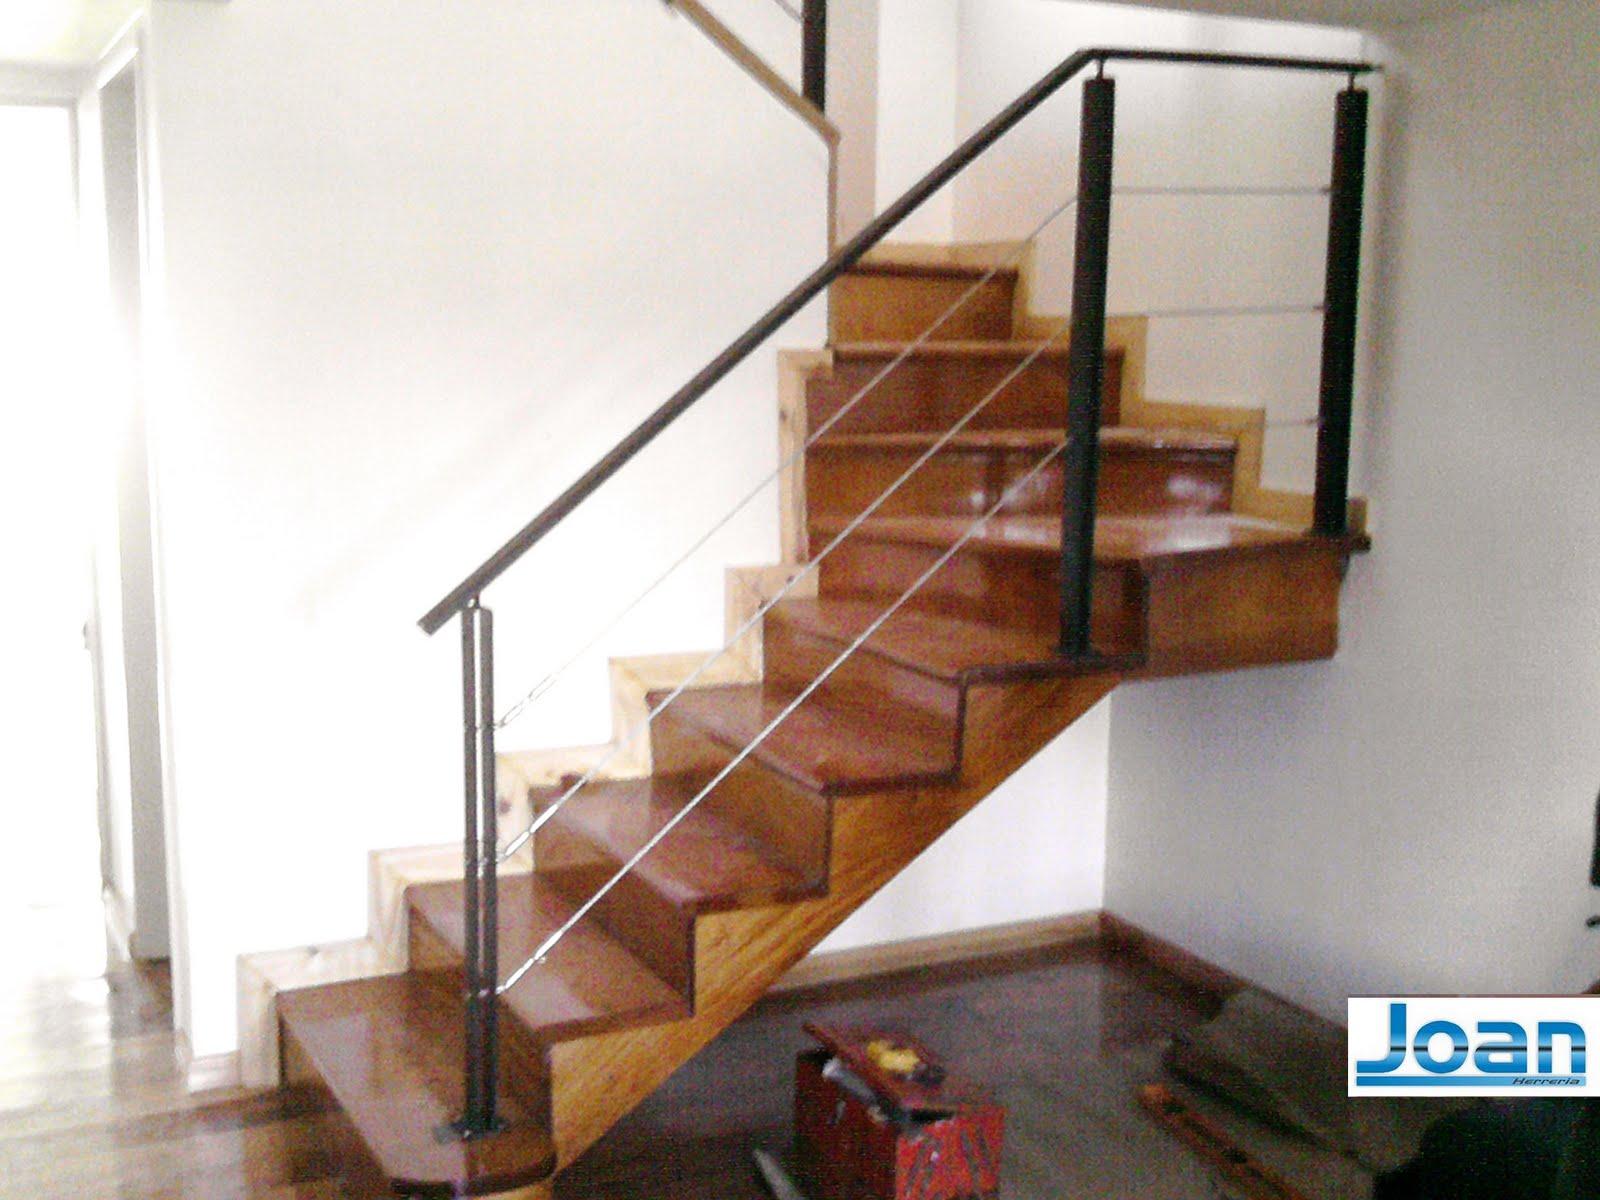 Herreria zona oeste ituzaingo - Barandas para escaleras de hierro ...